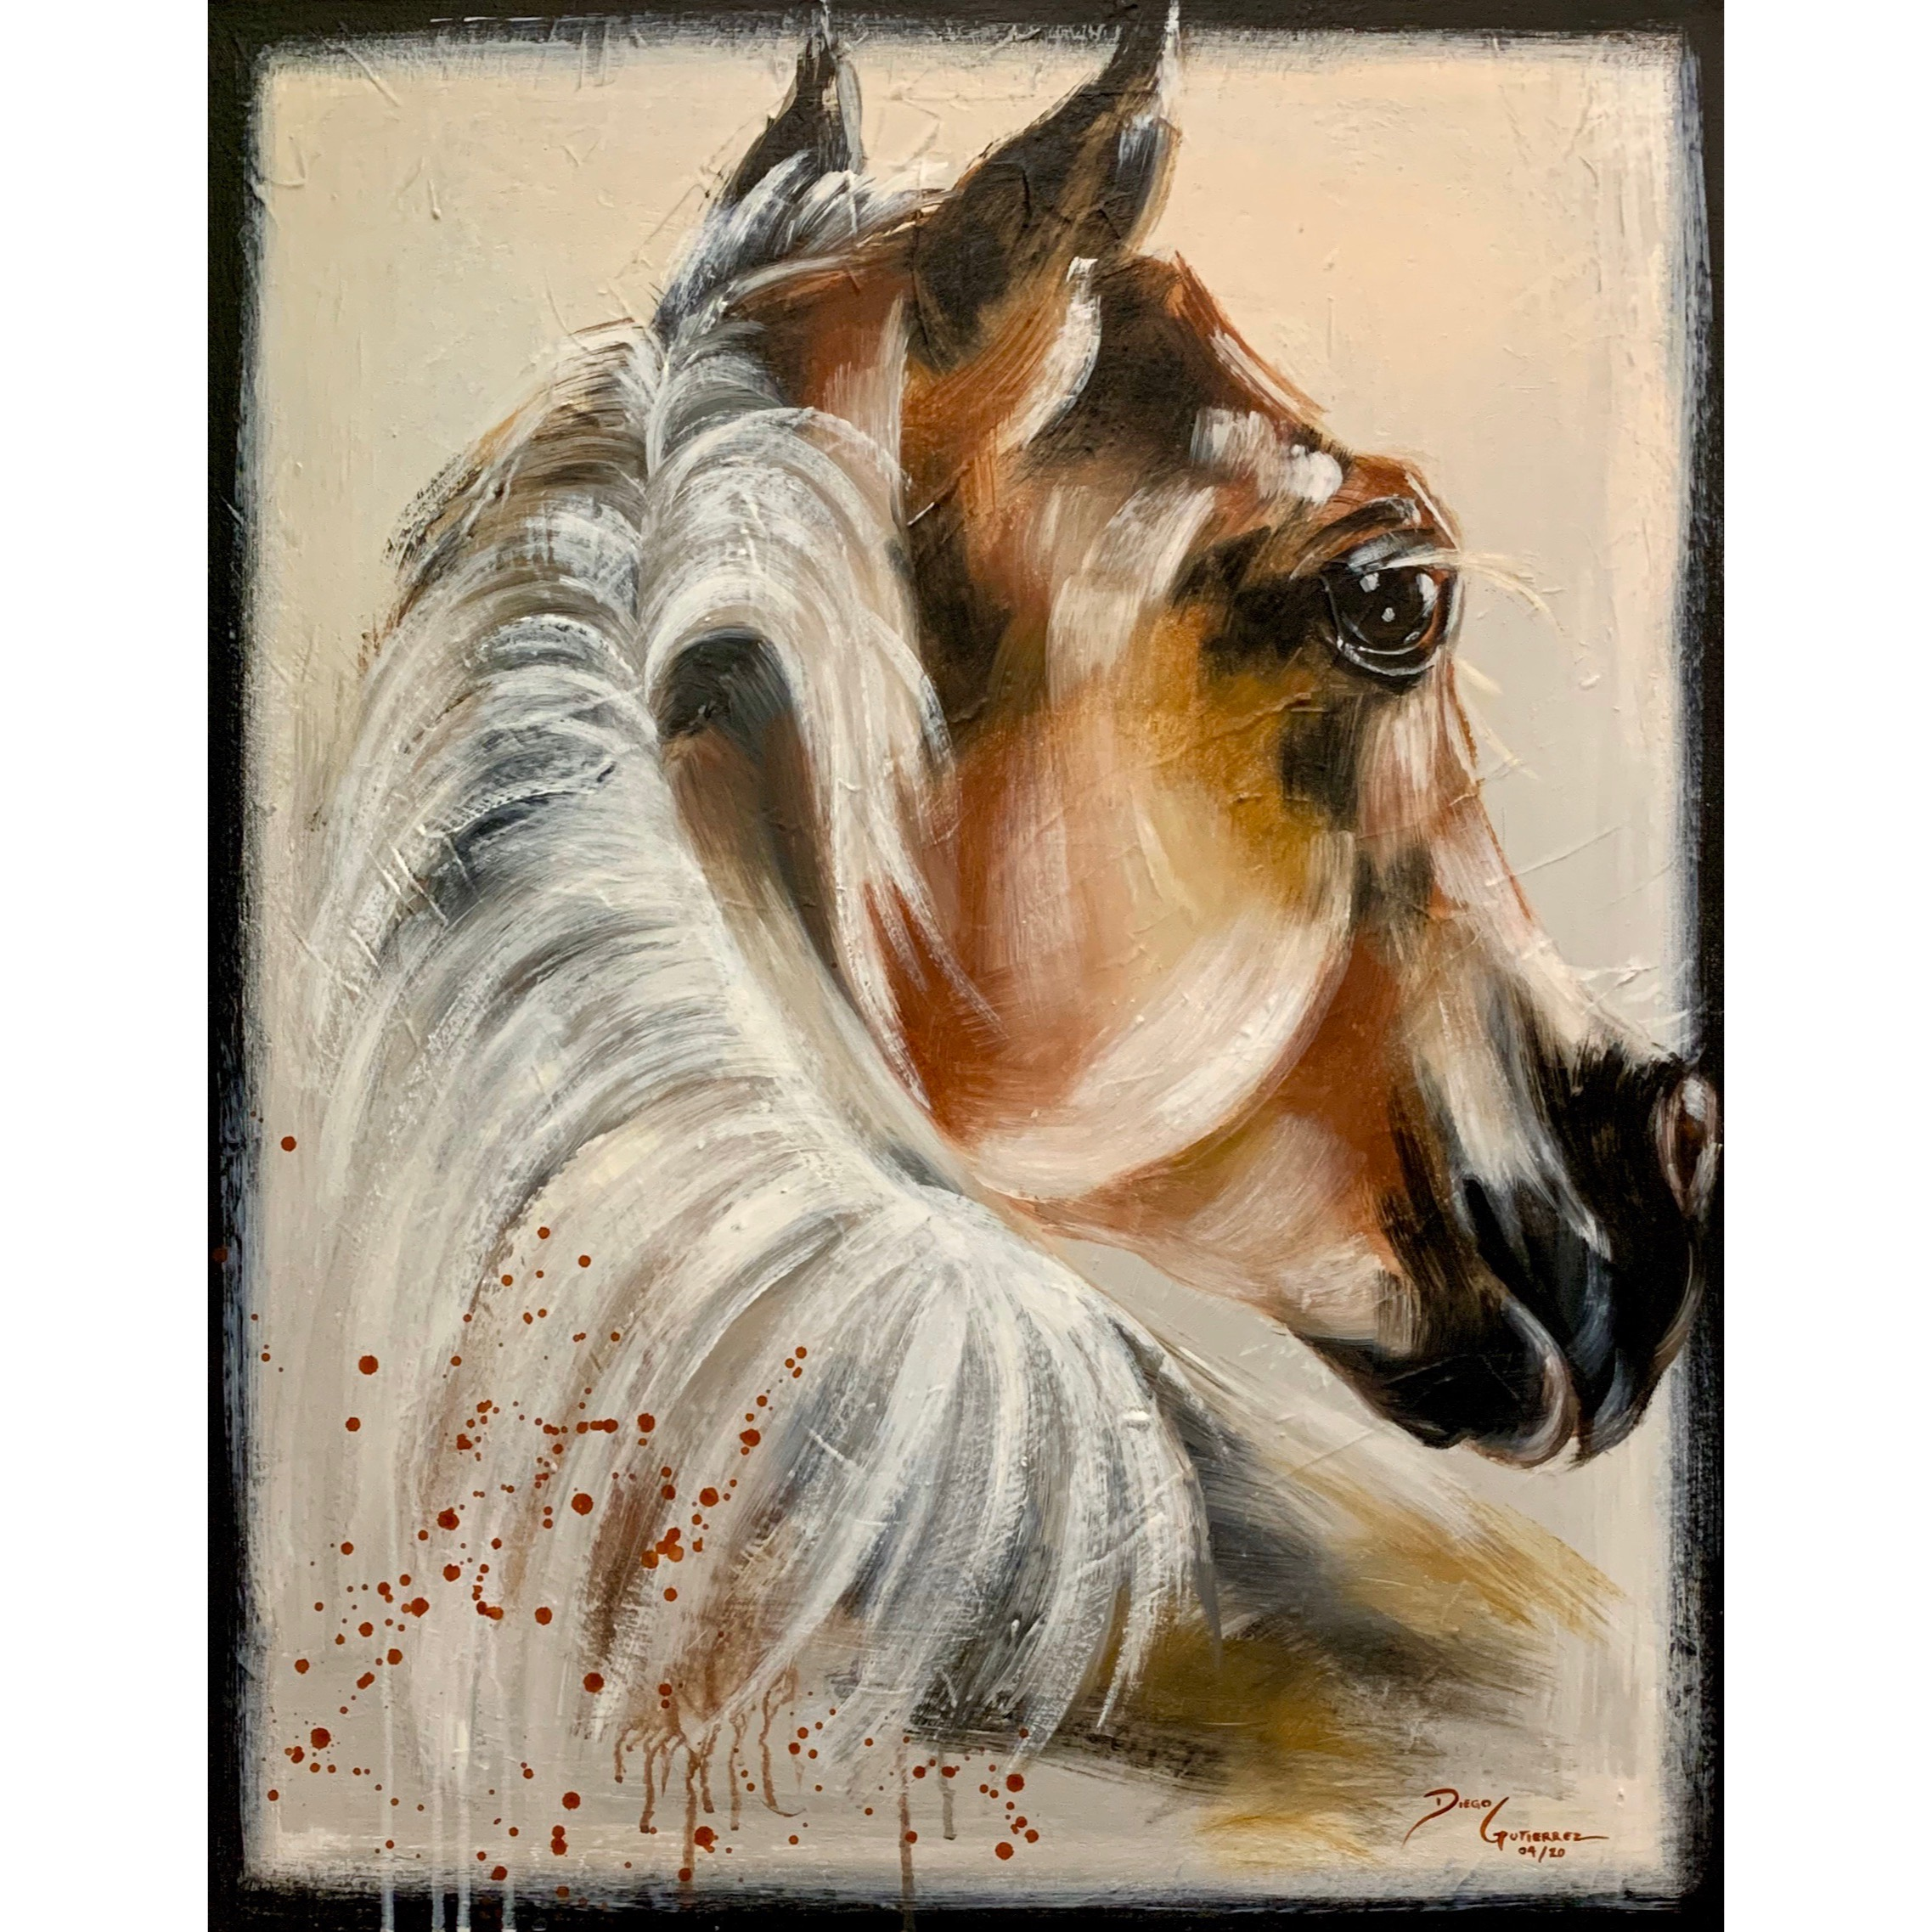 diego-gutierrez-gallery-animals-horse.05